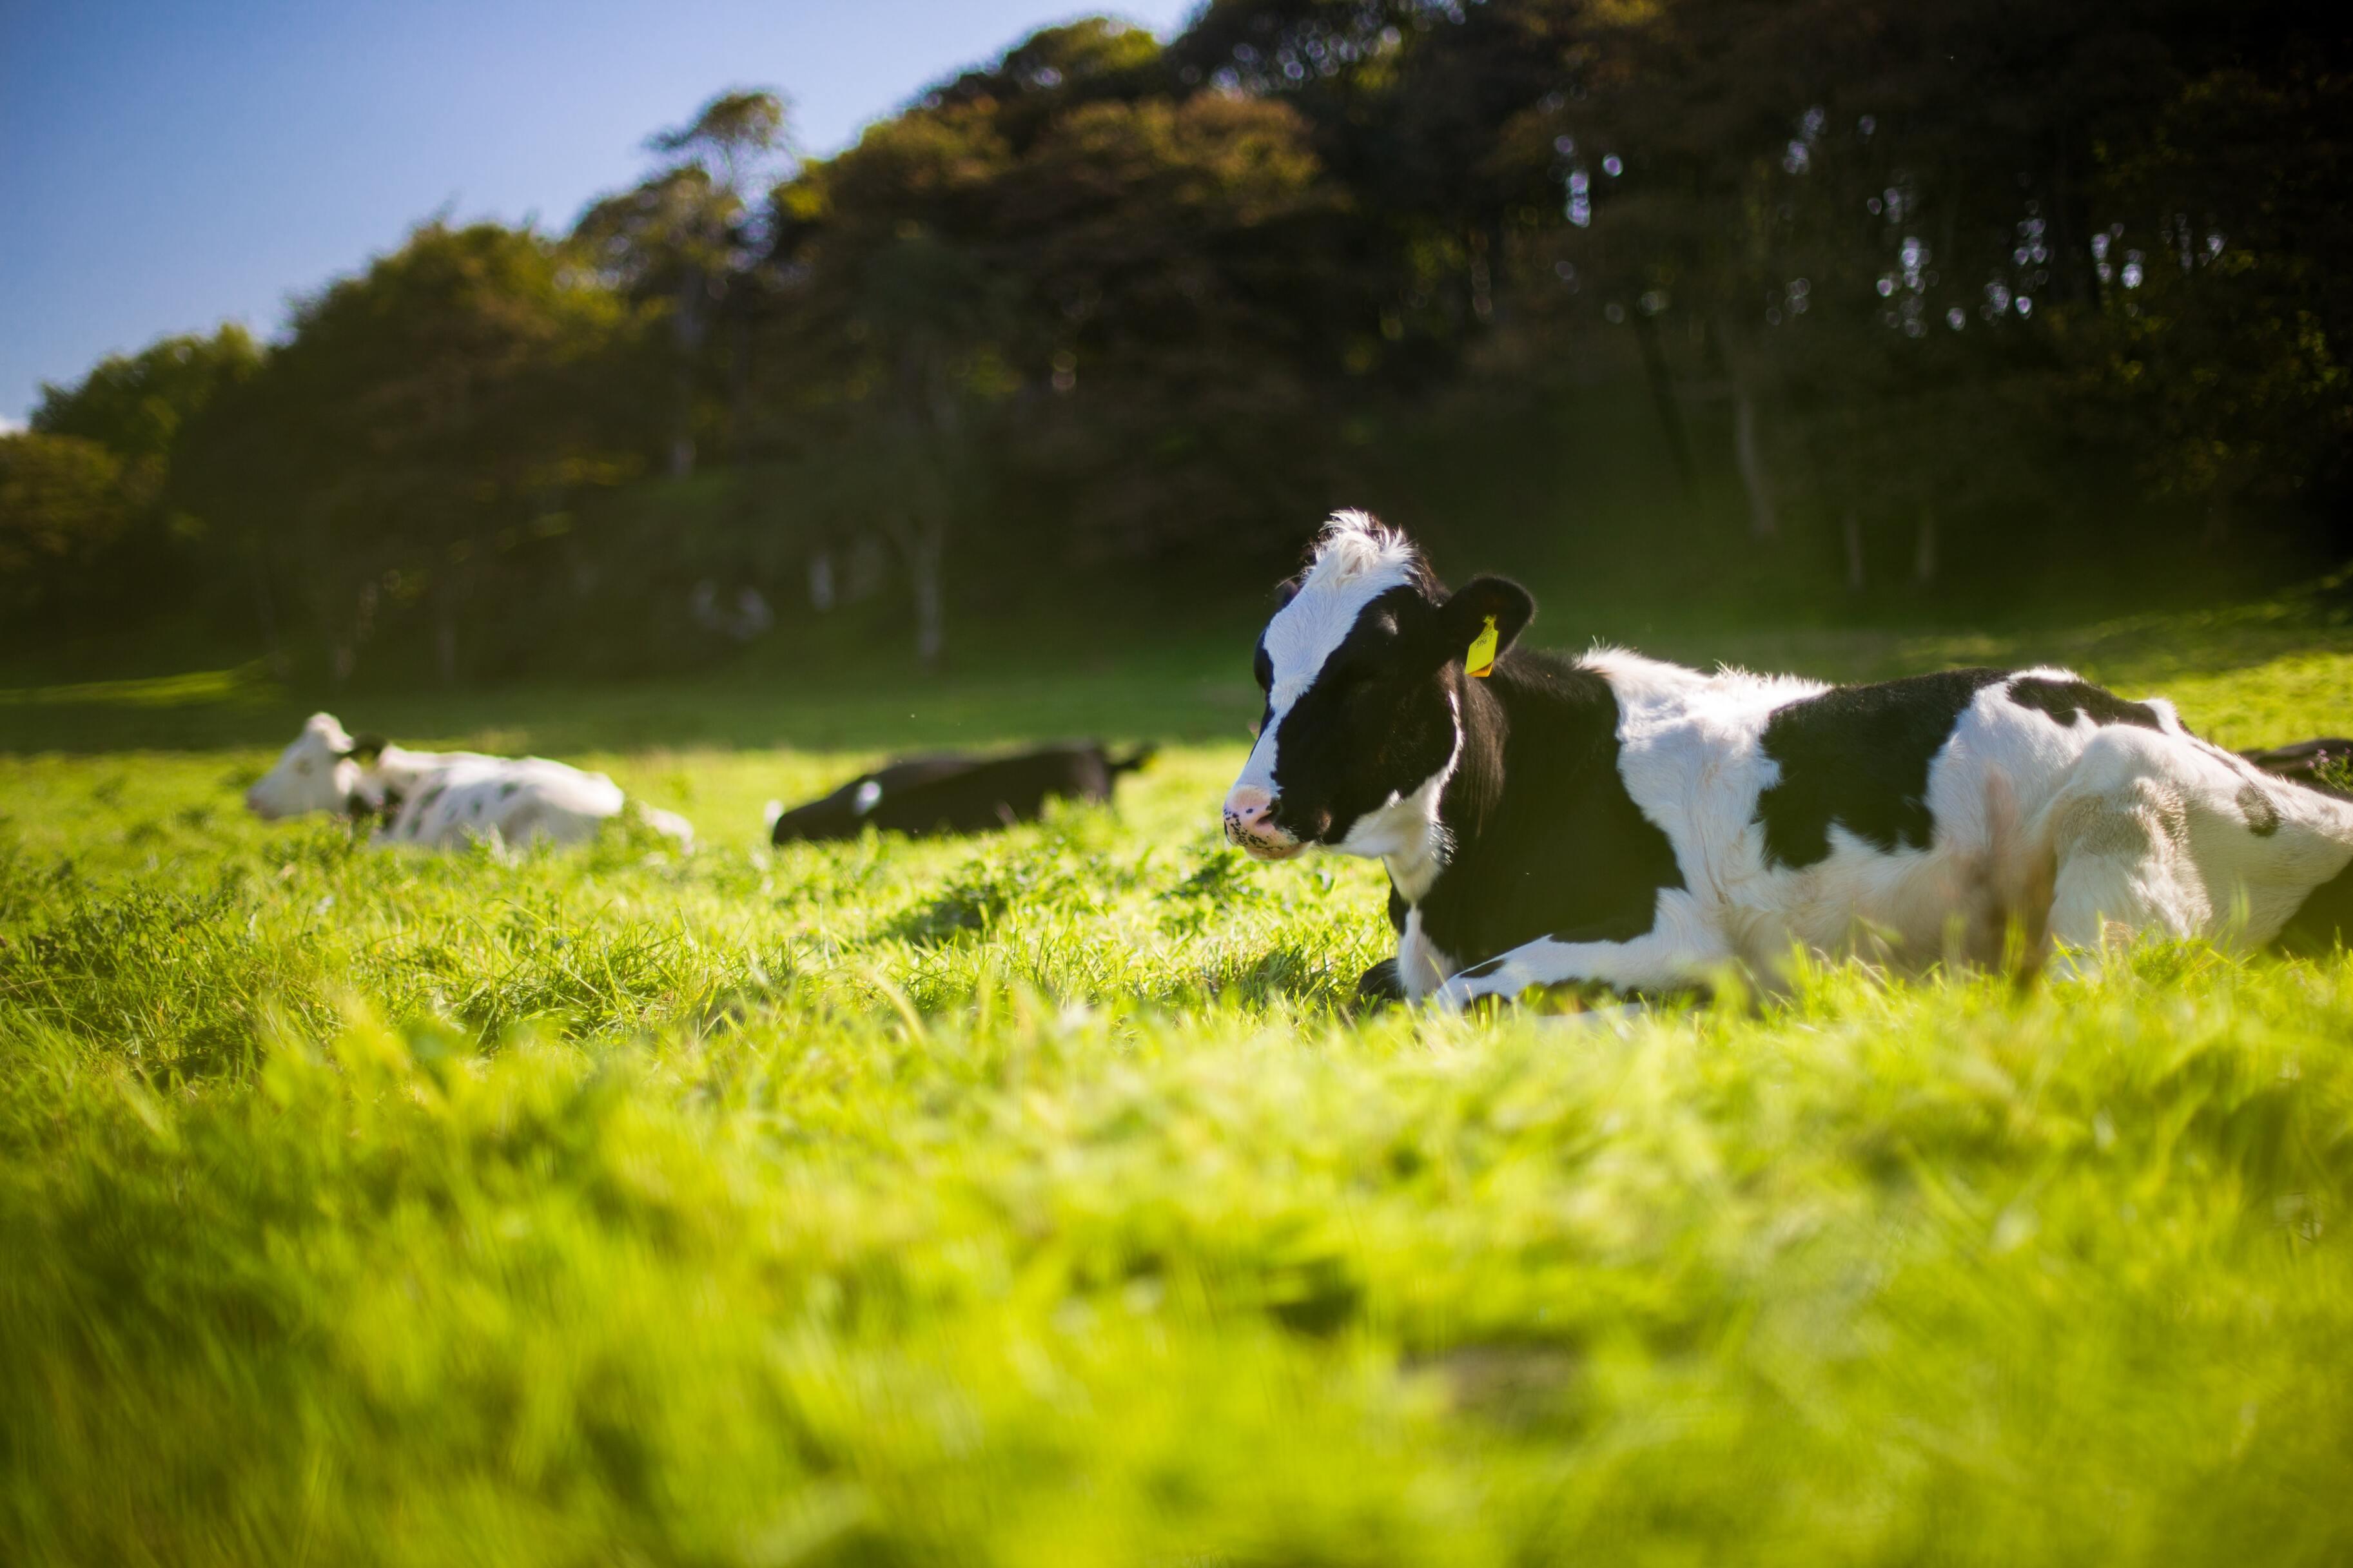 Учёные впервые смогли приучить коров к туалету